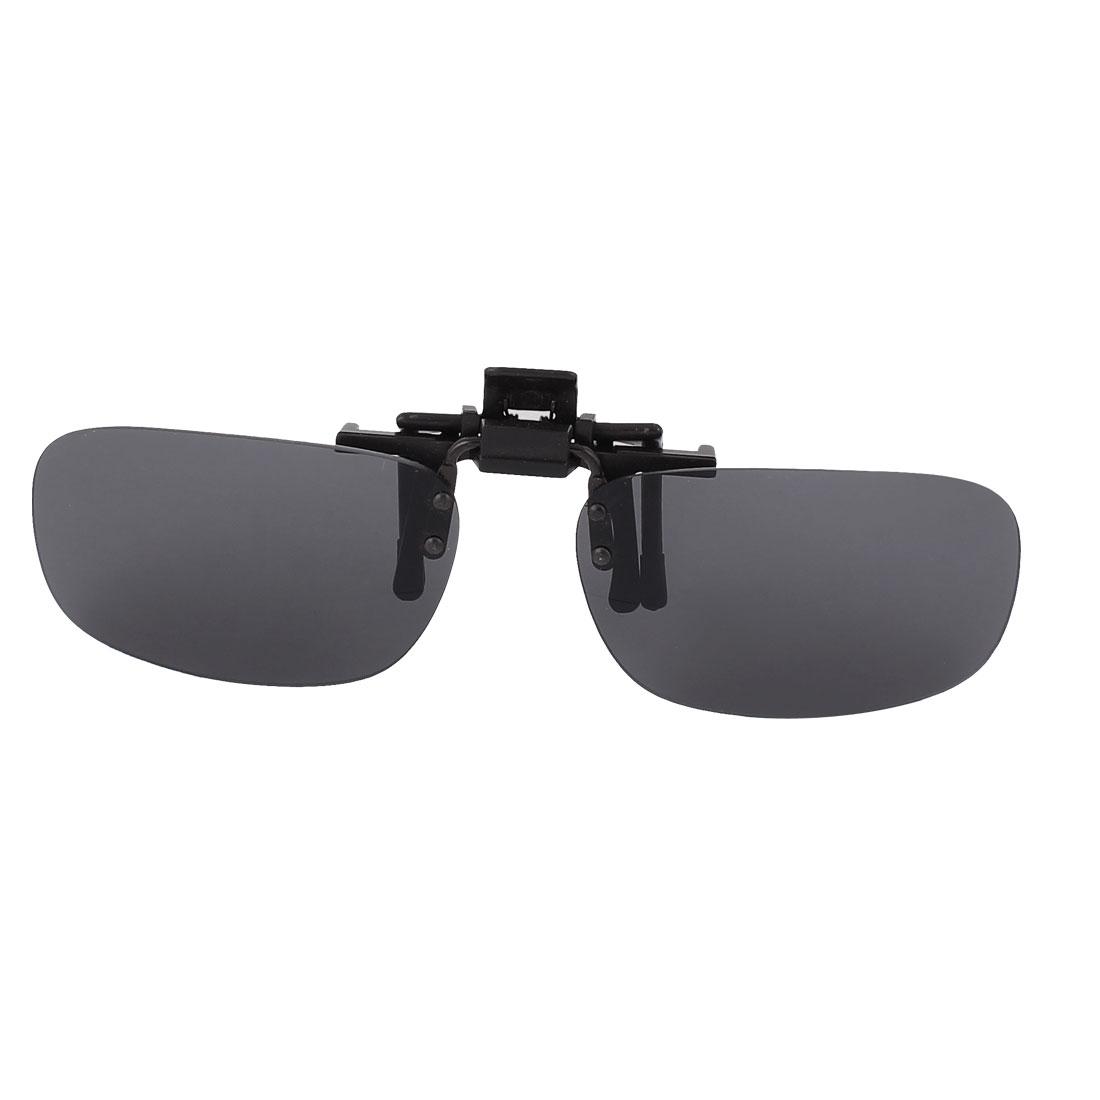 Black Lens Glare Block Lend Clip On Flip Up Sunglasses For Glasses Driving